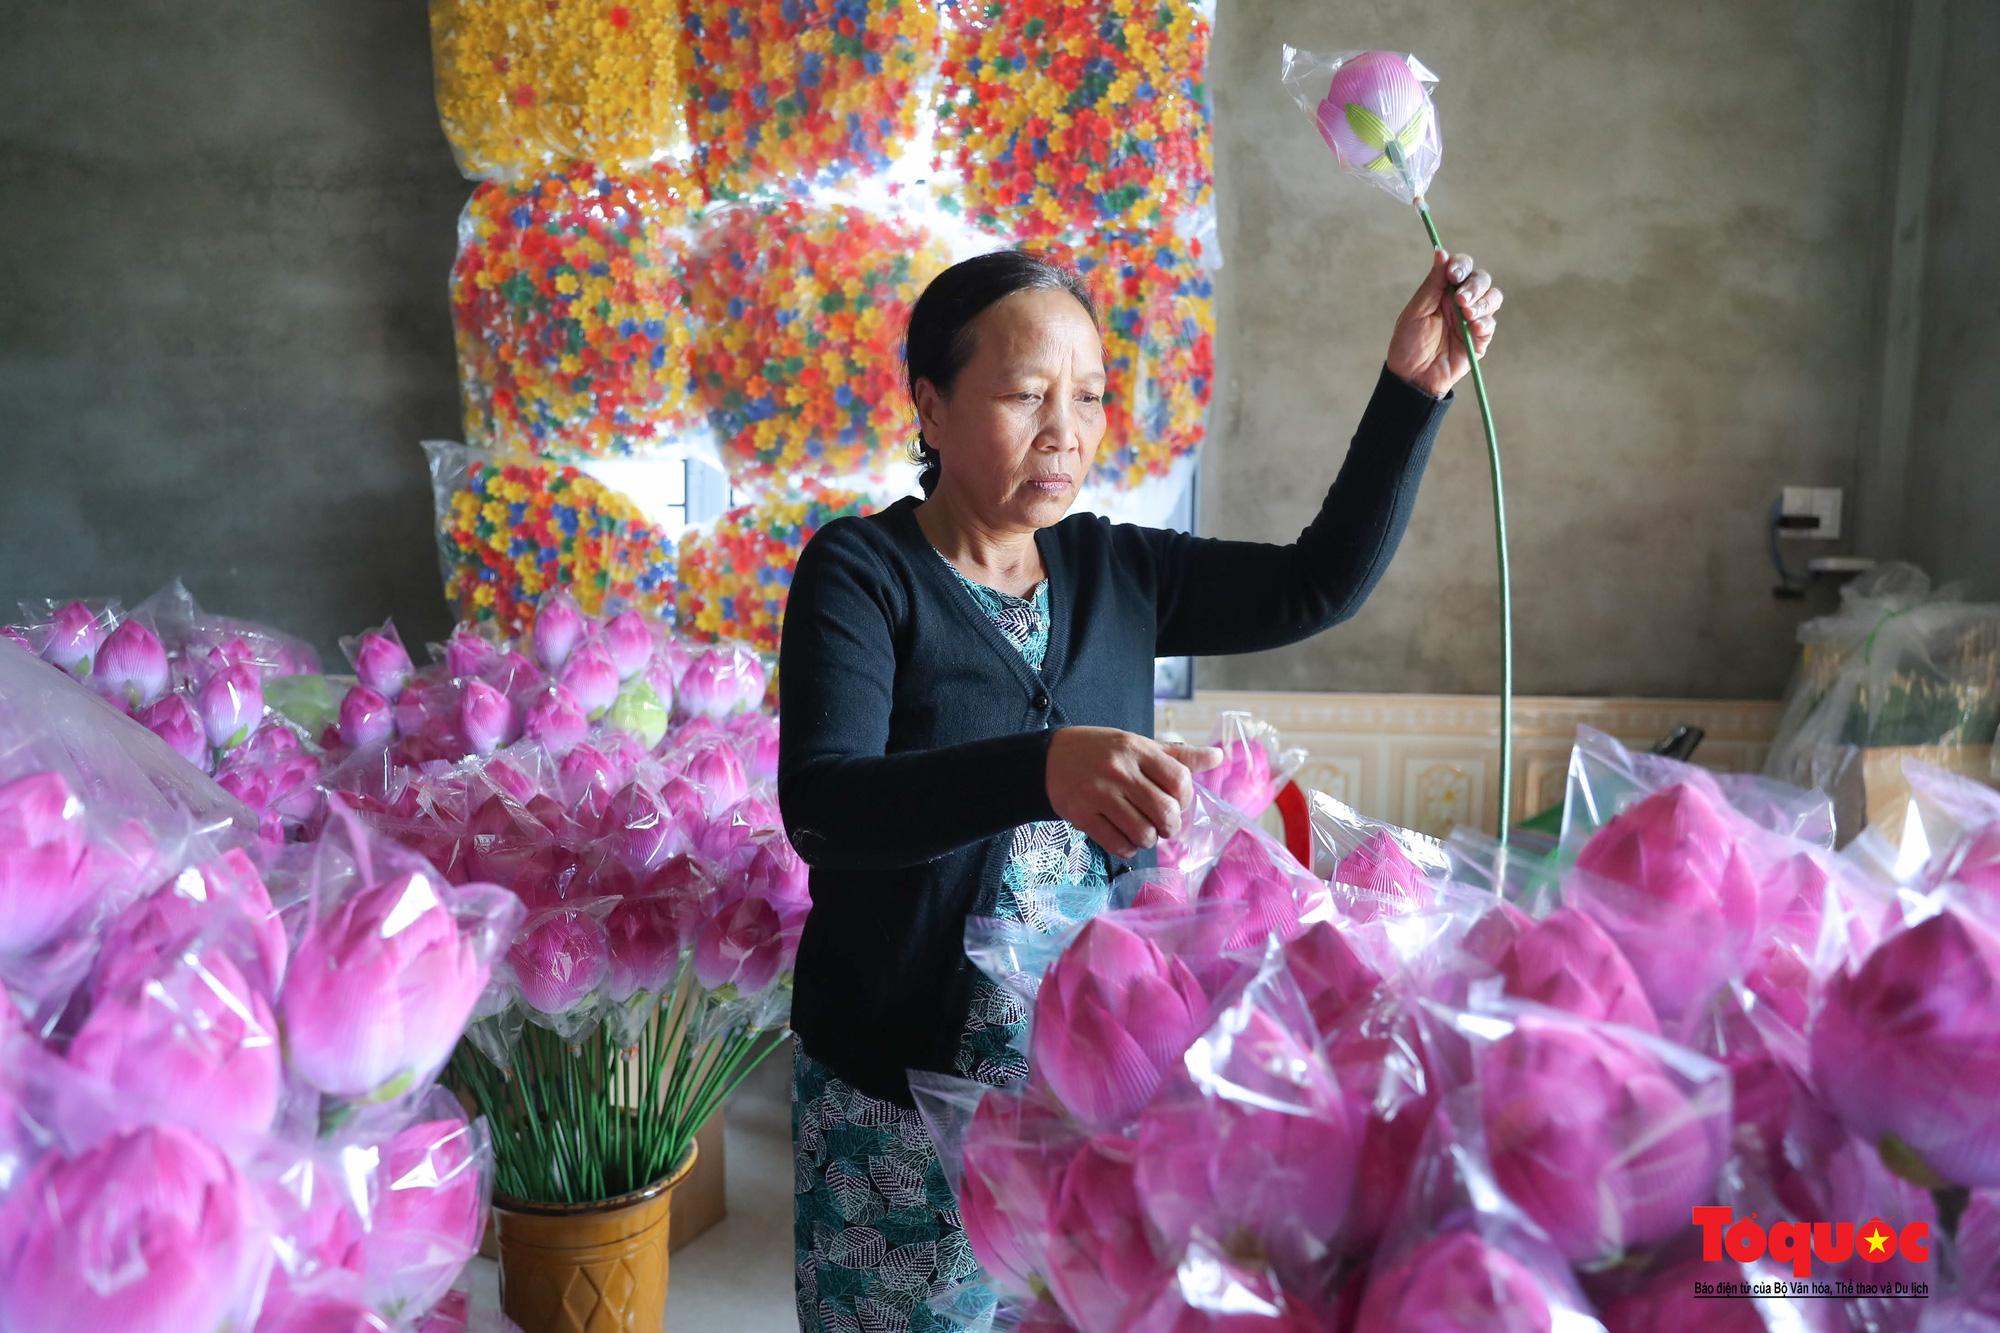 Rực rỡ sắc màu hoa Tết tại làng nghề hoa giấy hơn 300 tuổi - Ảnh 12.